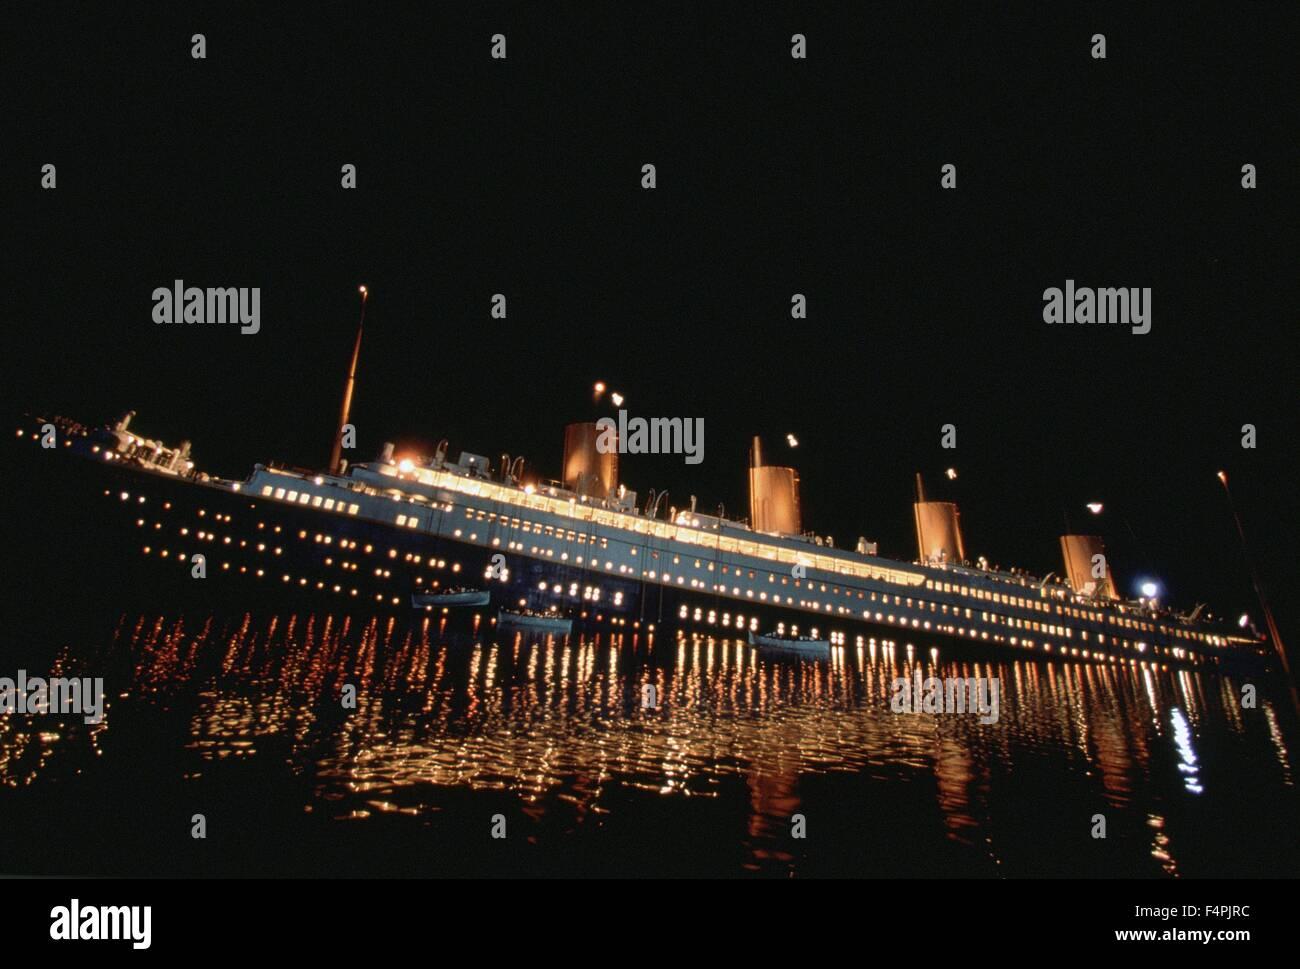 Titanic / 1997 dirigida por James Cameron [Imágenes] Fox del siglo XX. Imagen De Stock